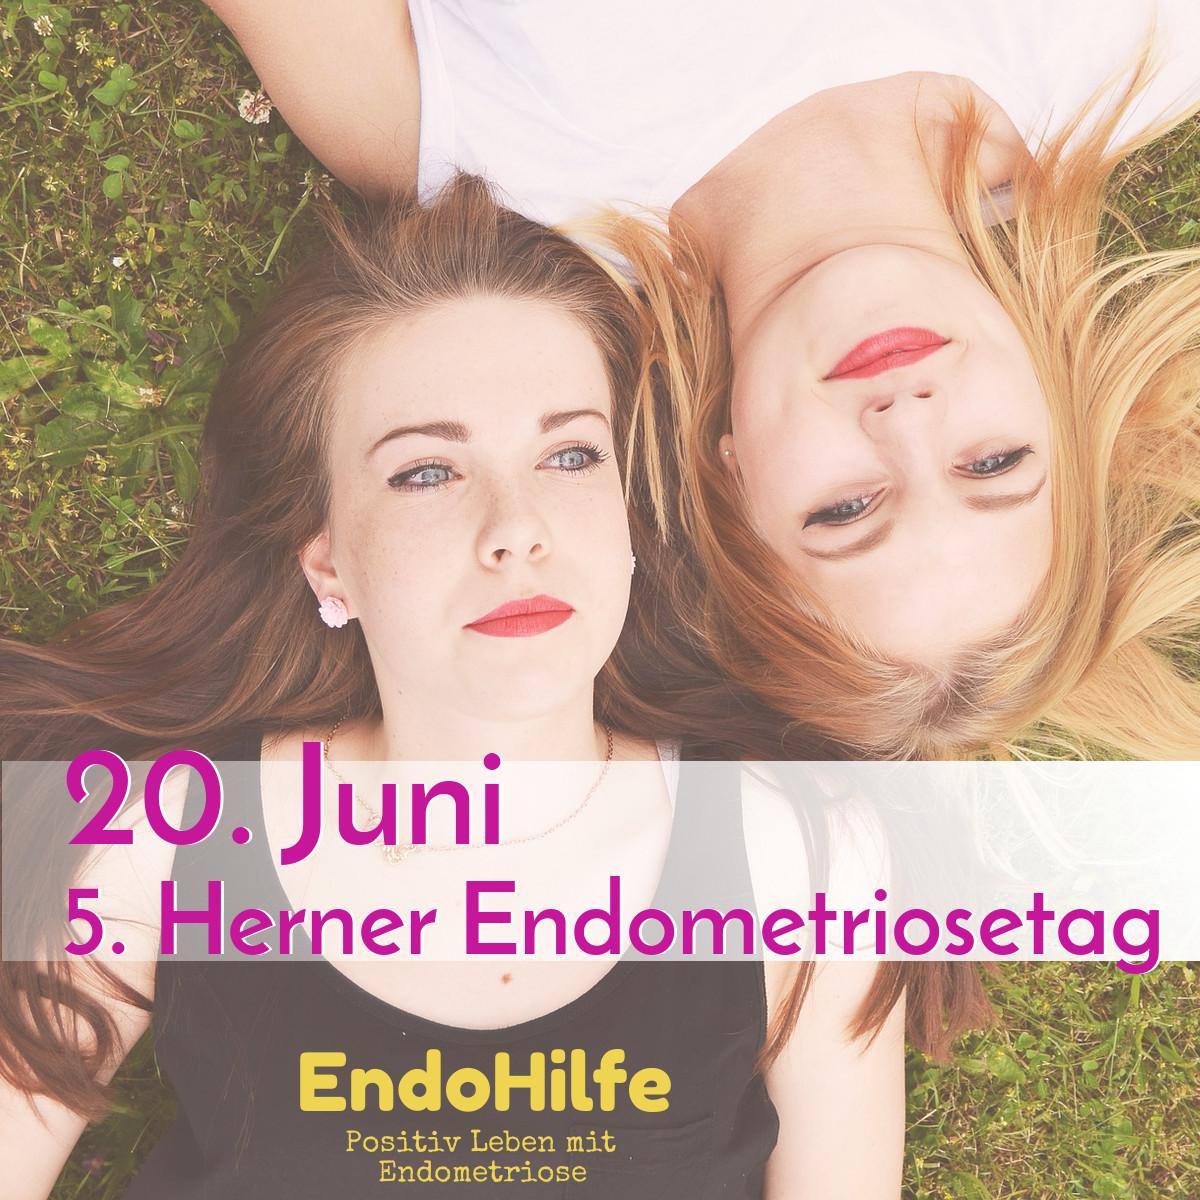 20. Juni - 5. Herner Endometriosetag